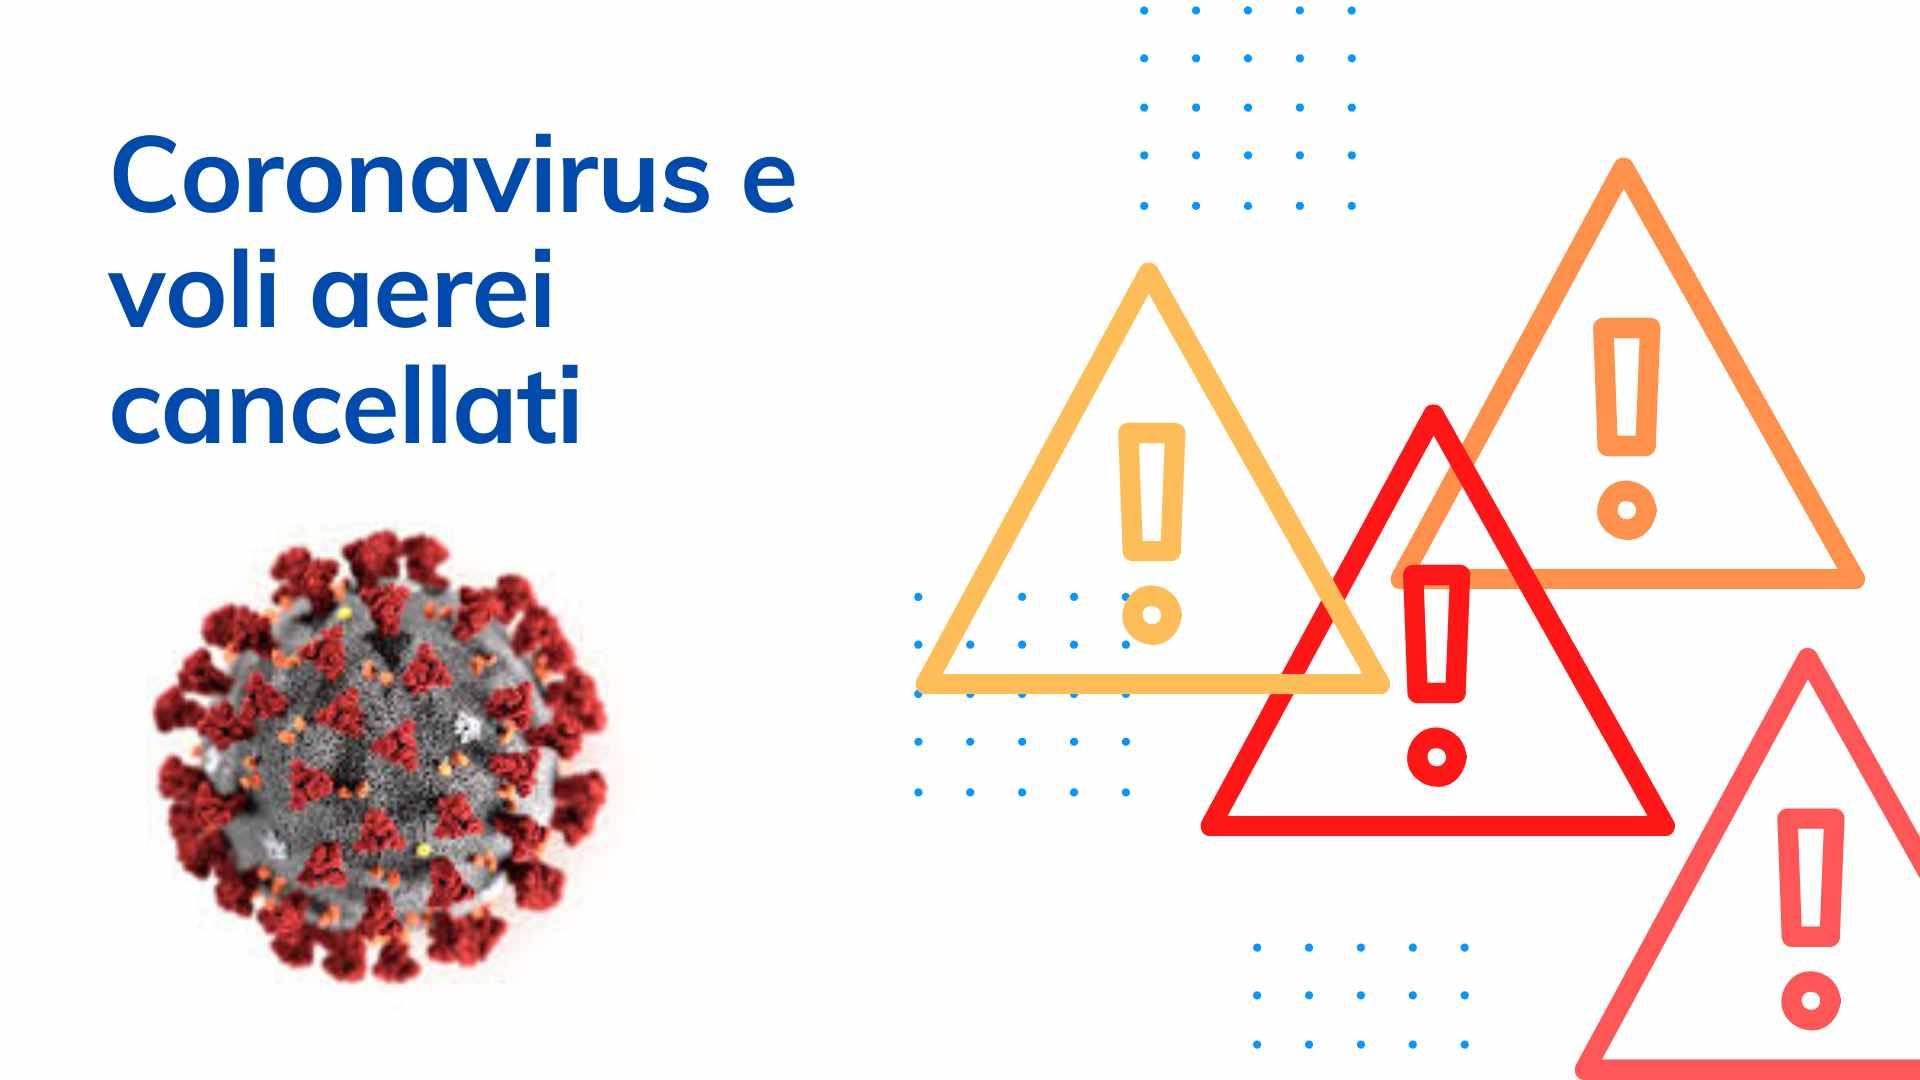 Volo cancellato per coronavirus e rimborso